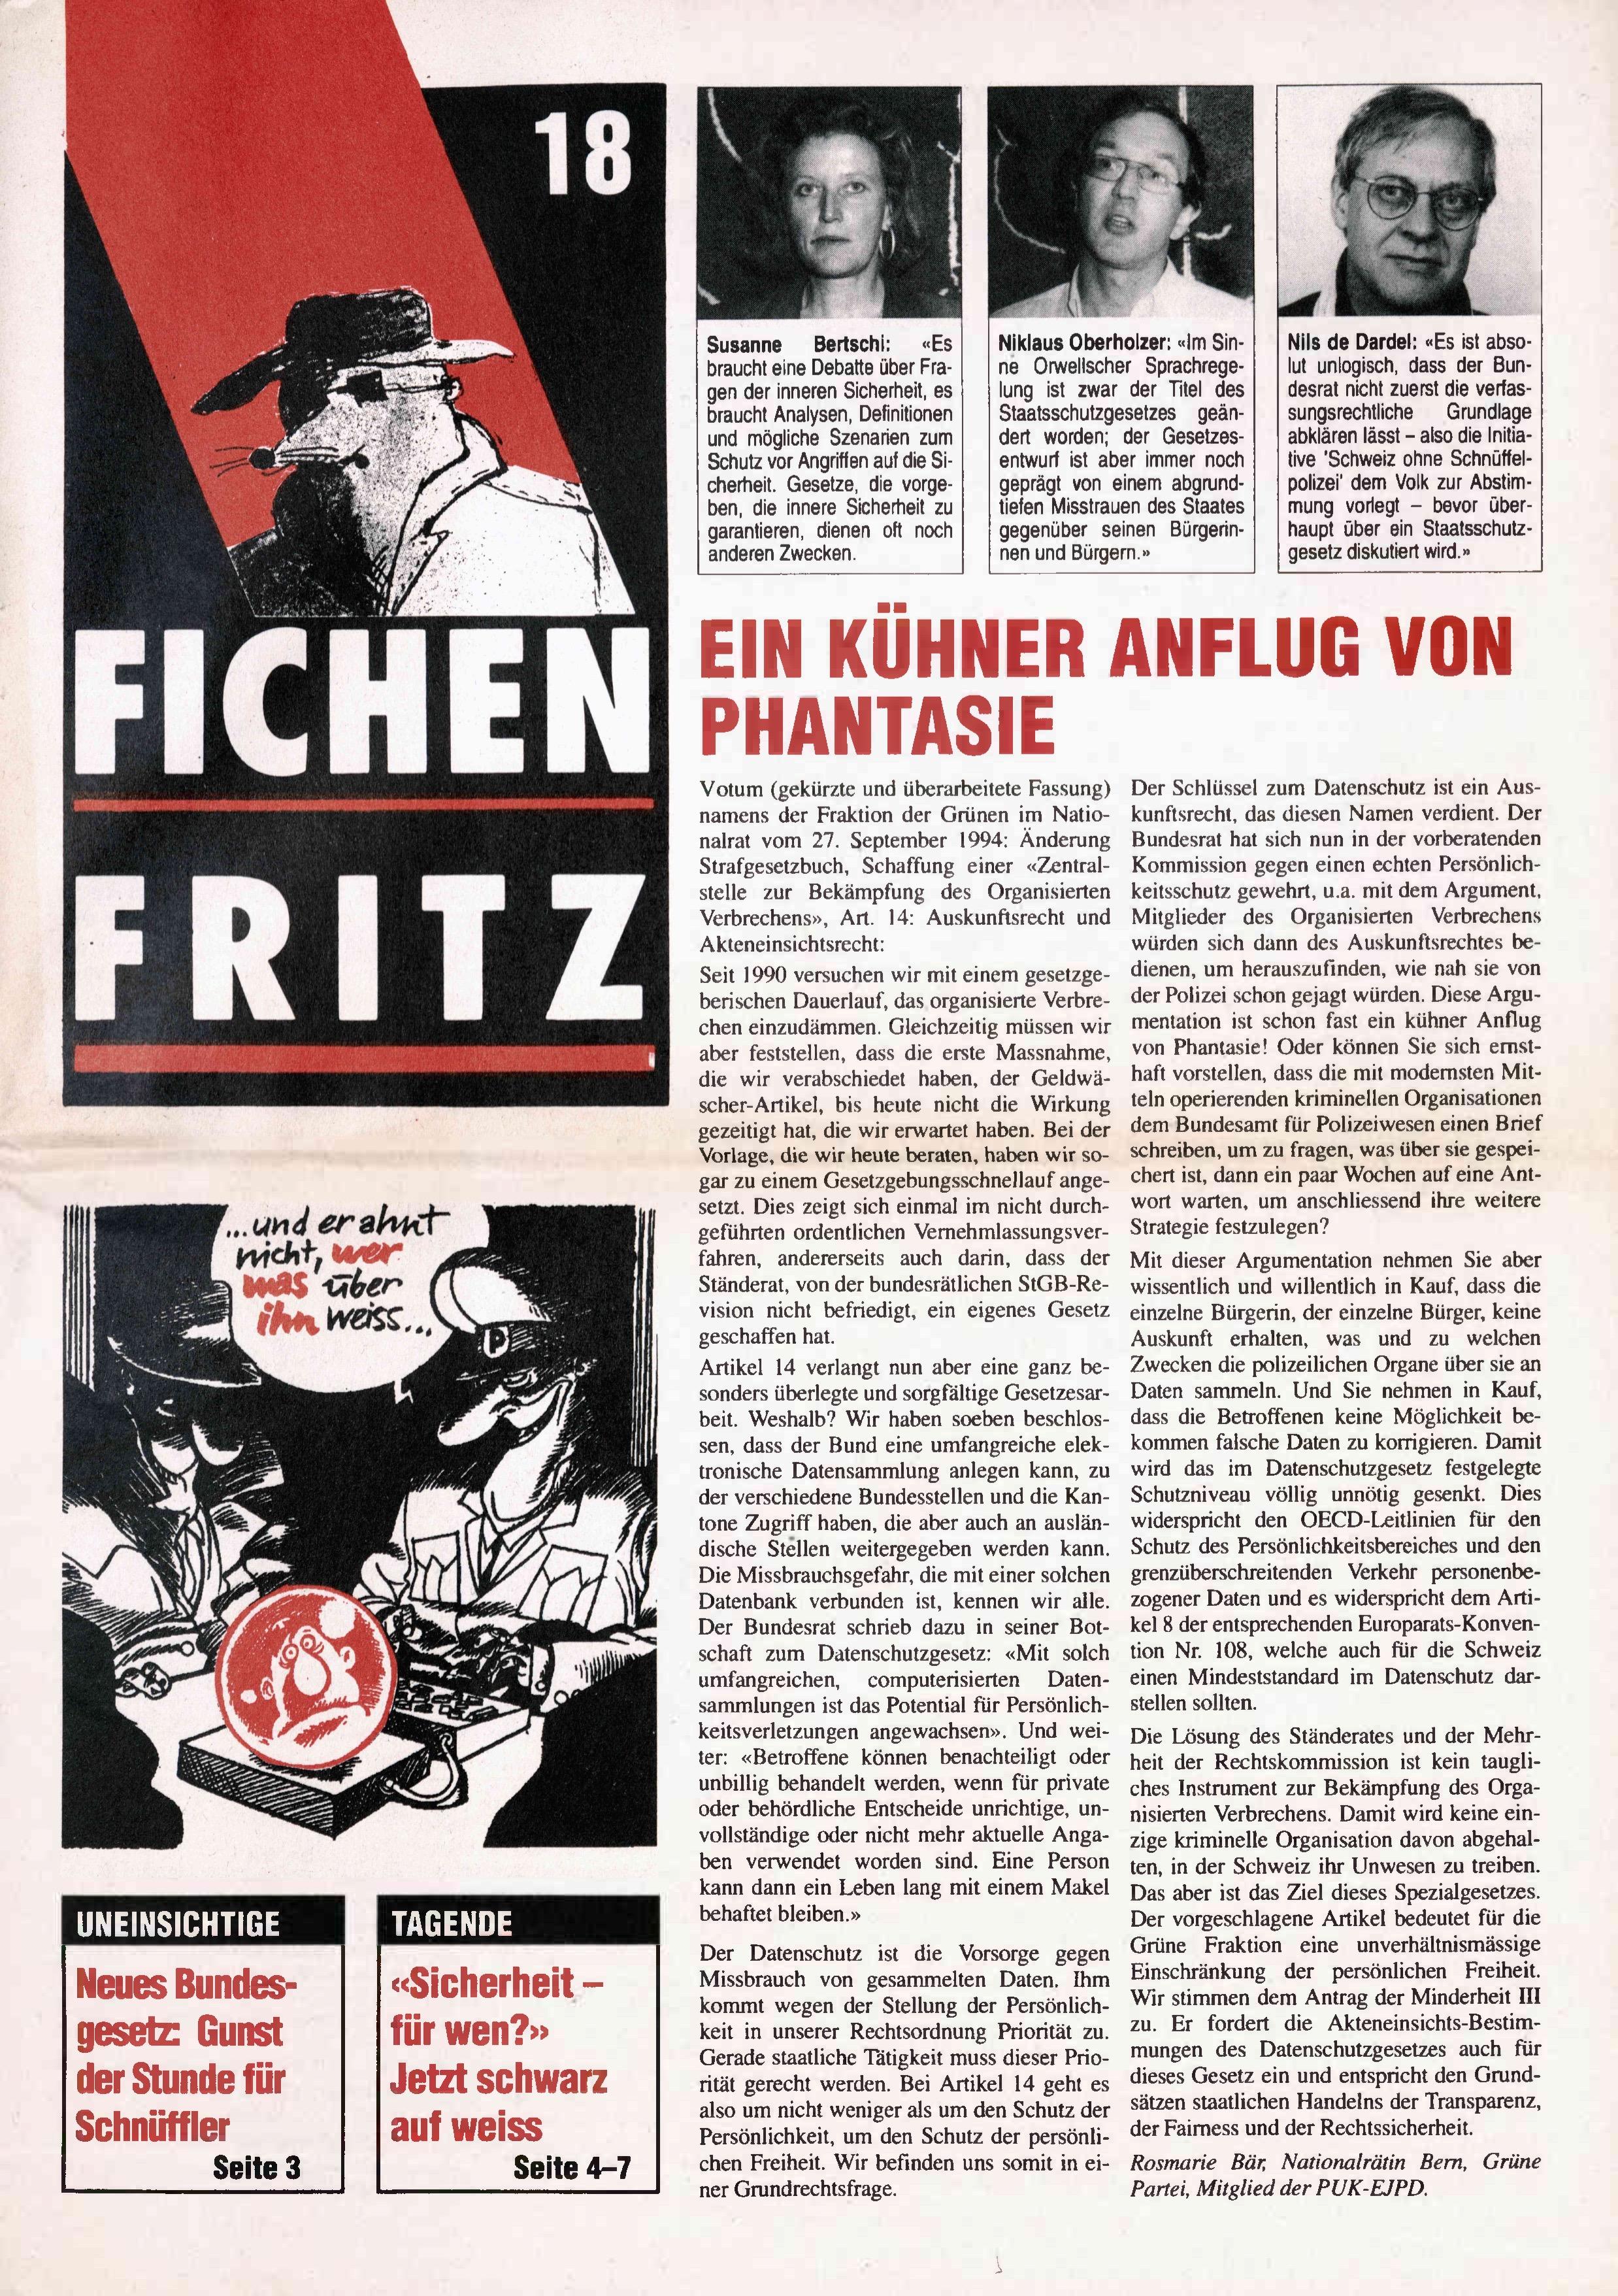 FICHEN FRITZ NR. 18 - SEITE 1